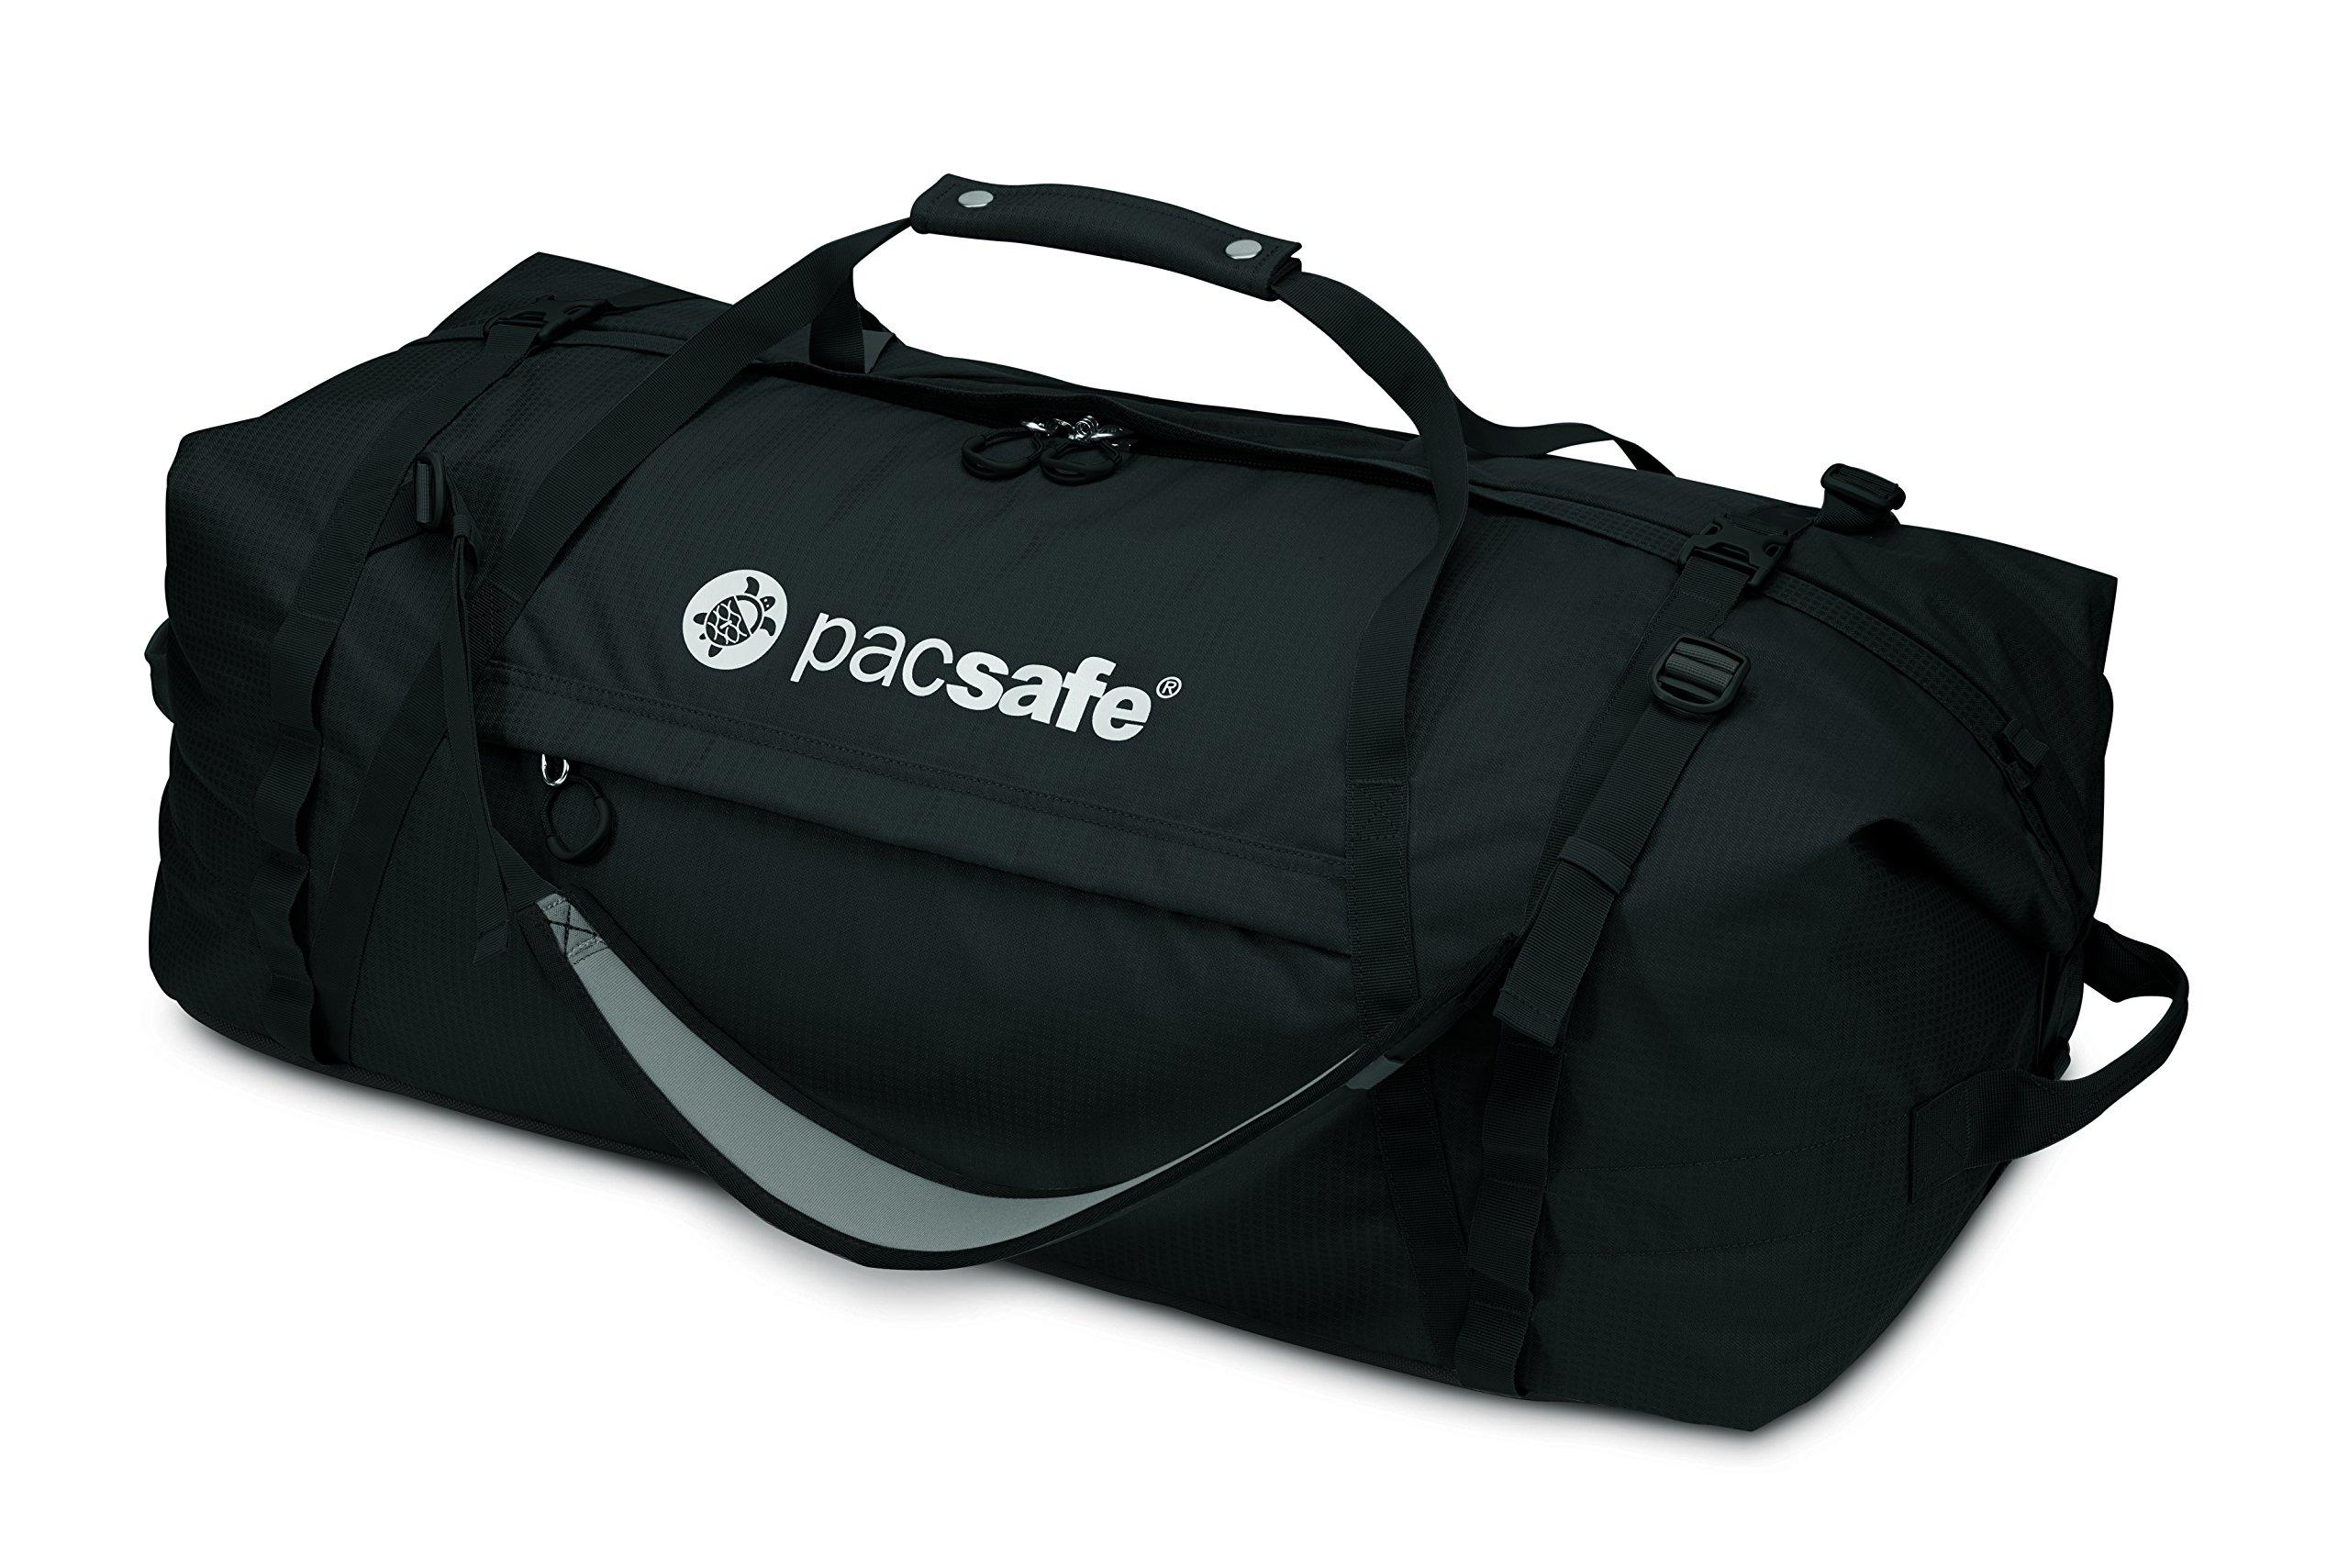 Pacsafe Duffelsafe AT100 Anti-Theft Duffel Bag, Black